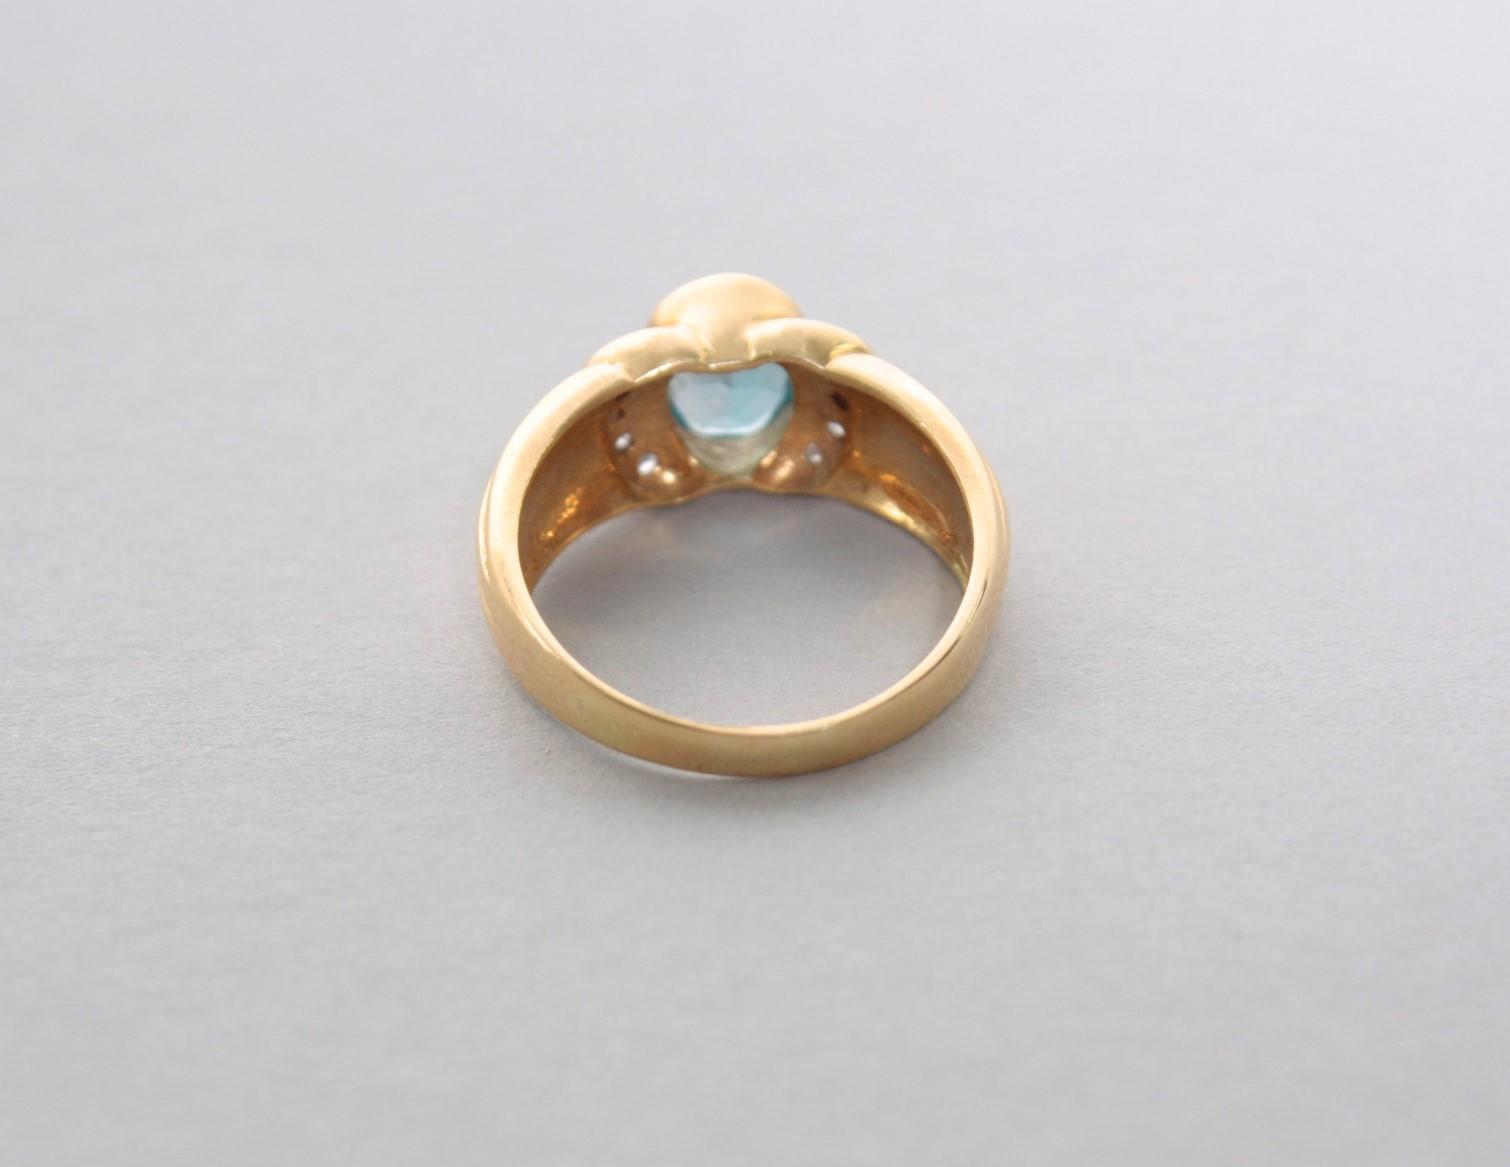 Gelbgoldring mit Blautopas und Diamanten, 18 Karat-2